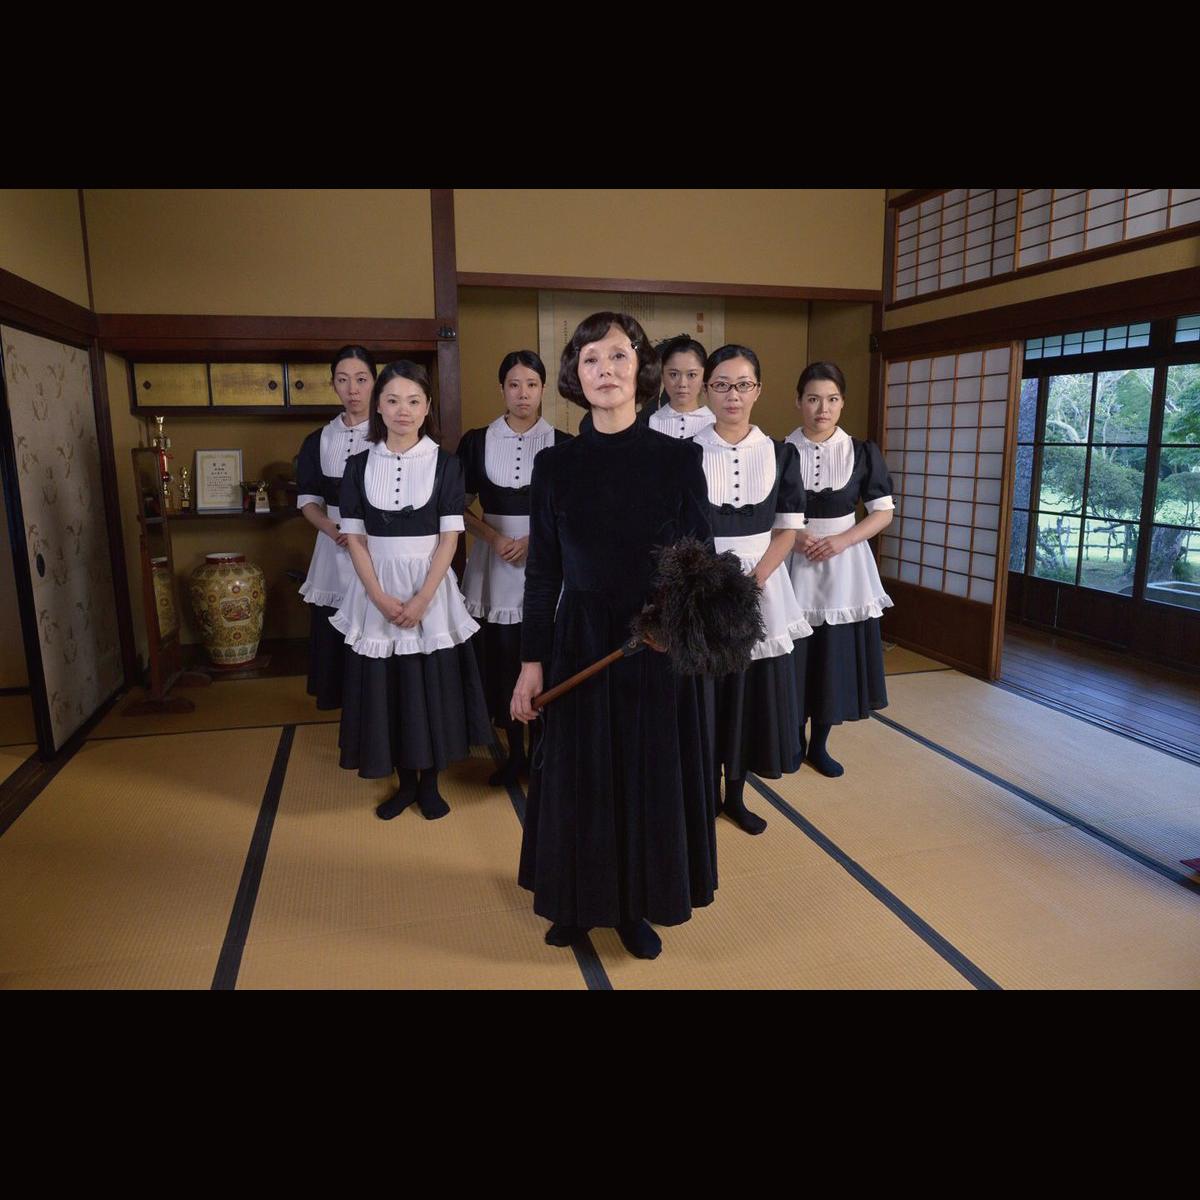 「最高級オーストリッチはたきCatarel(カタレル)」+「テレビ朝日 家政夫のミタゾノ」